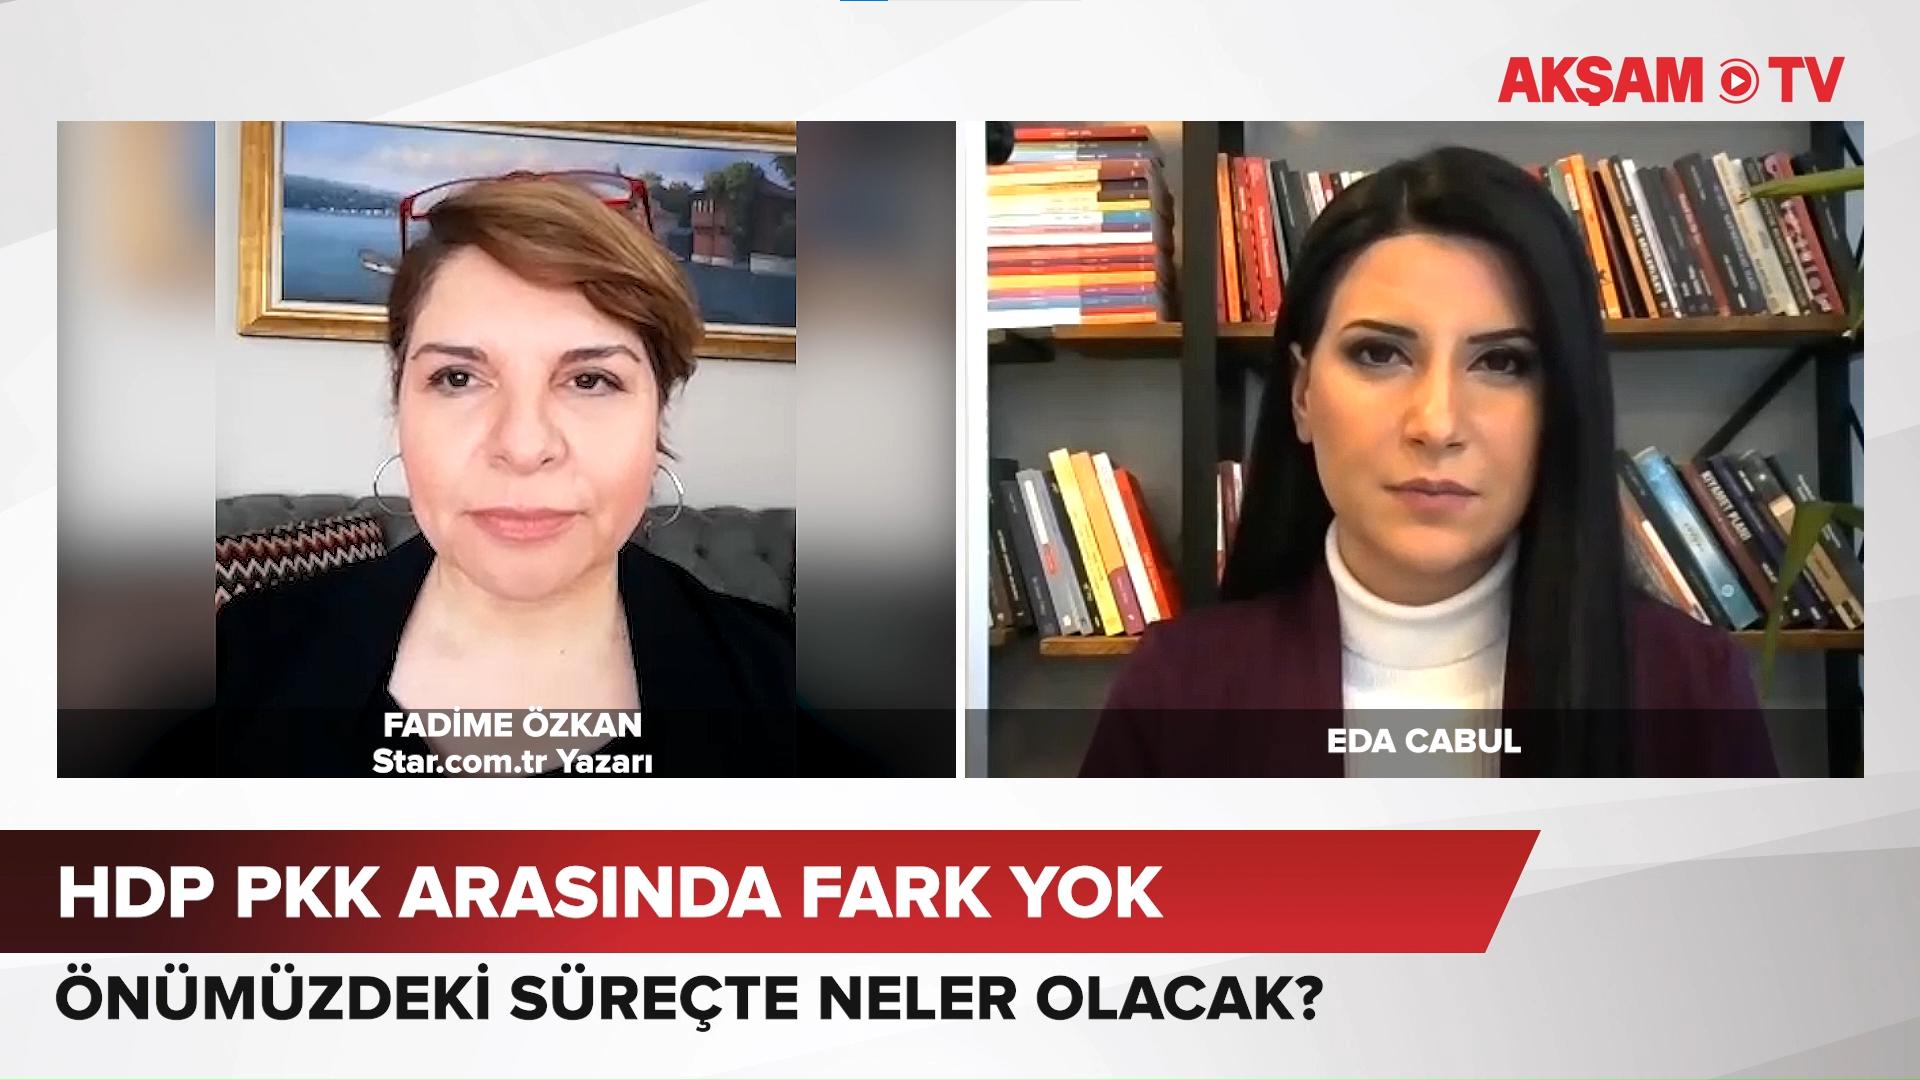 <p><span>MHP lideri Devlet Bahçeli partisinin grup toplantısında önemli açıklamalarda bulundu. HDP E